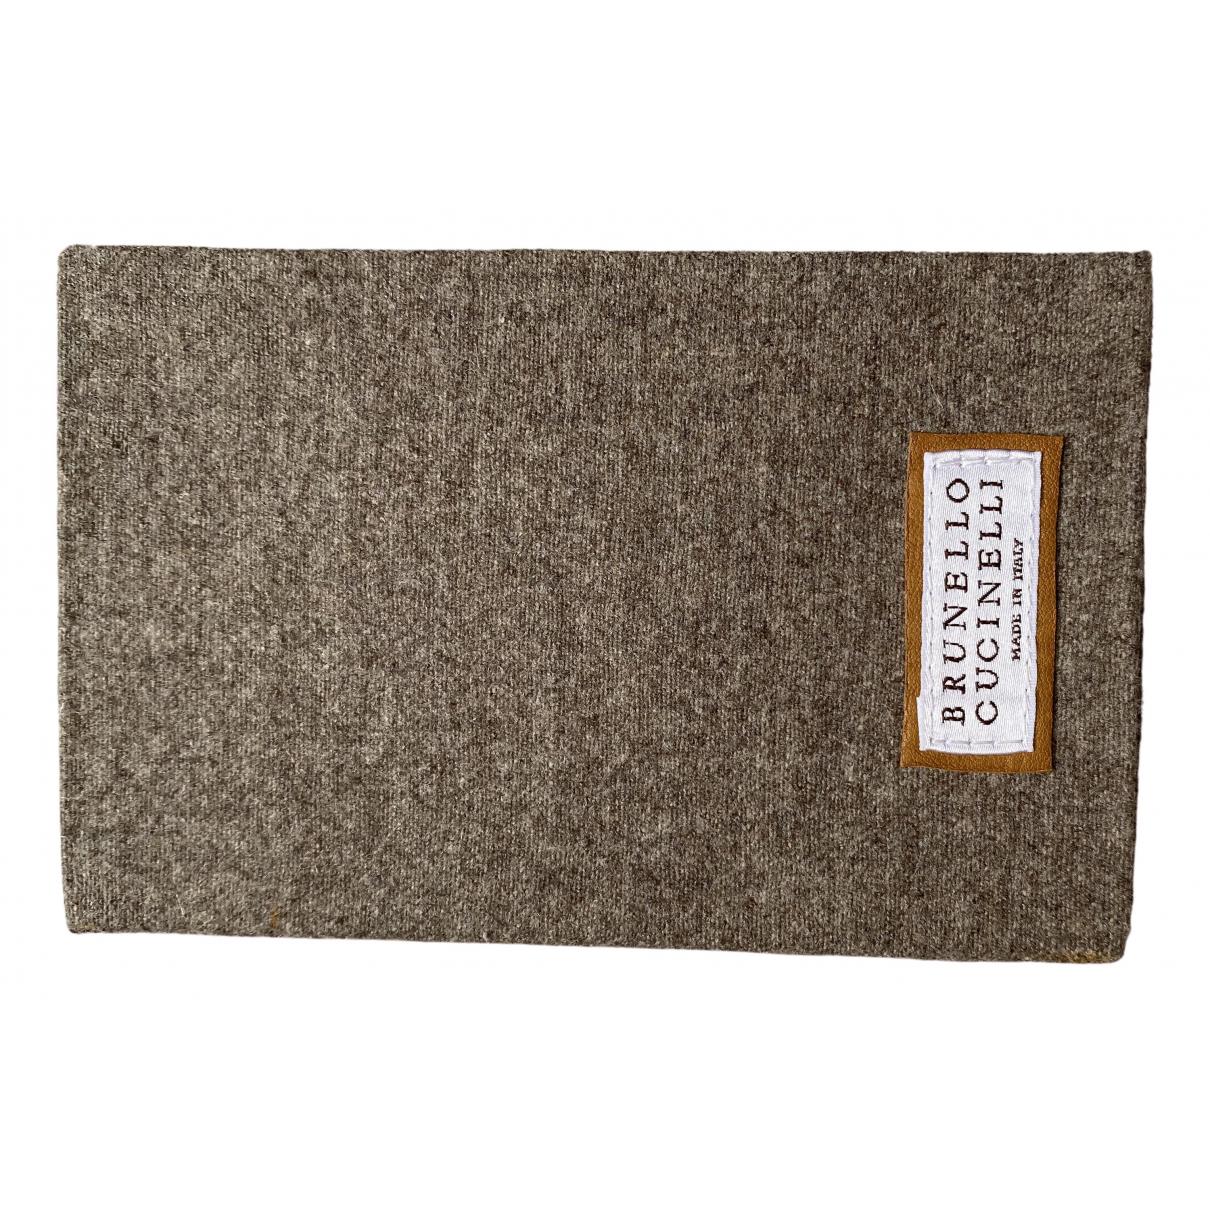 Brunello Cucinelli - Objets & Deco   pour lifestyle en laine - anthracite